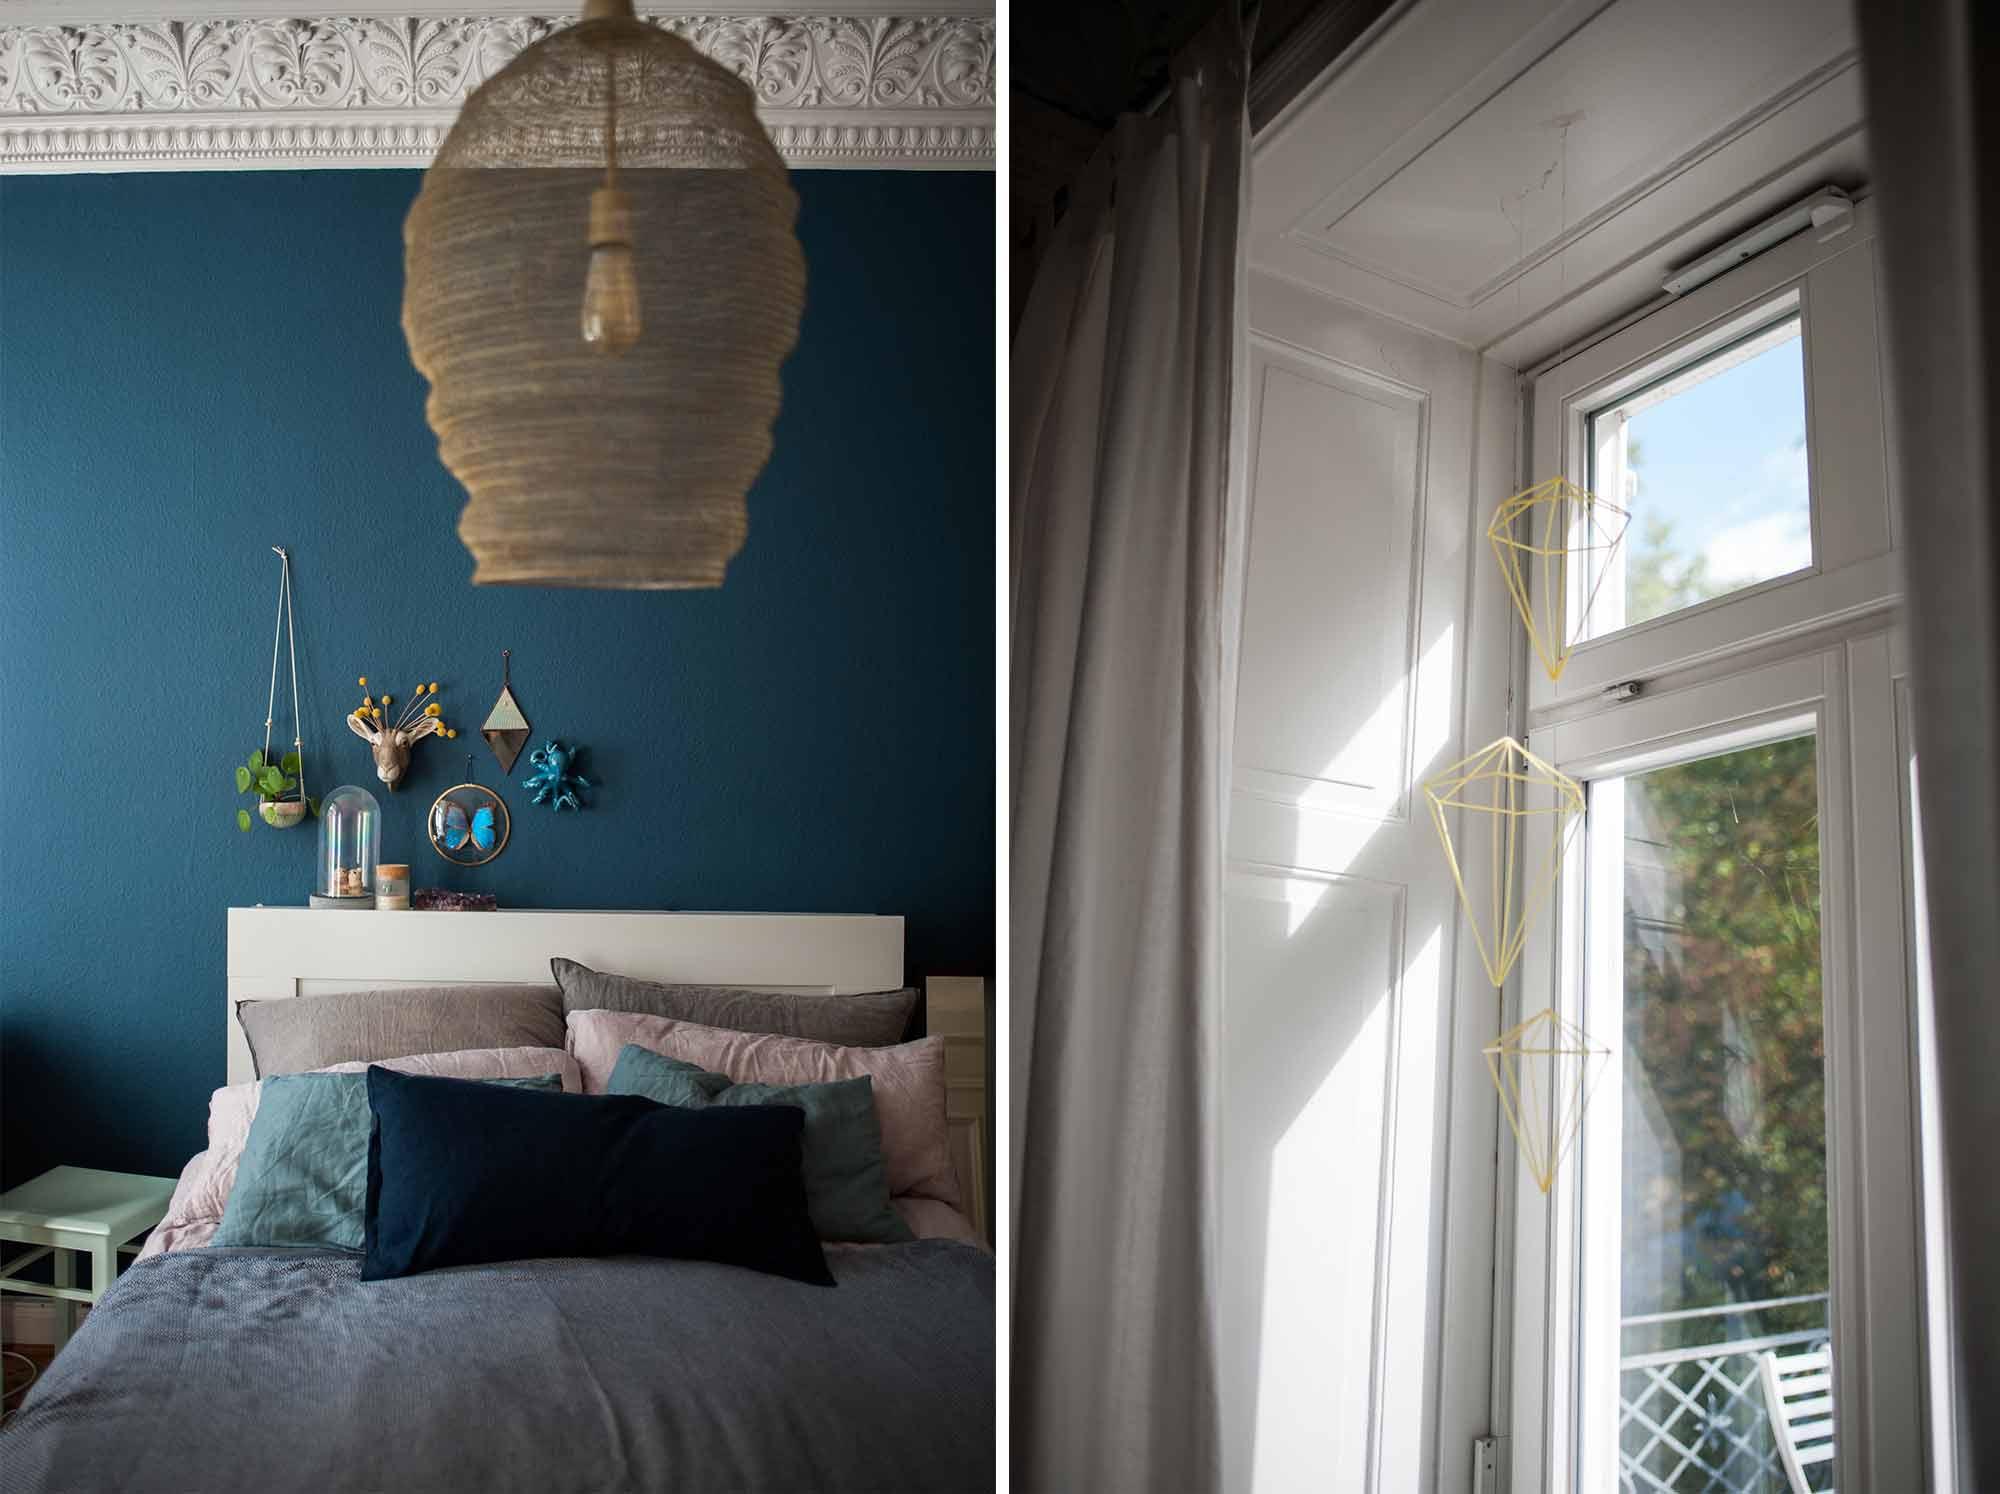 07-stiffkey-blue-schlafzimmer